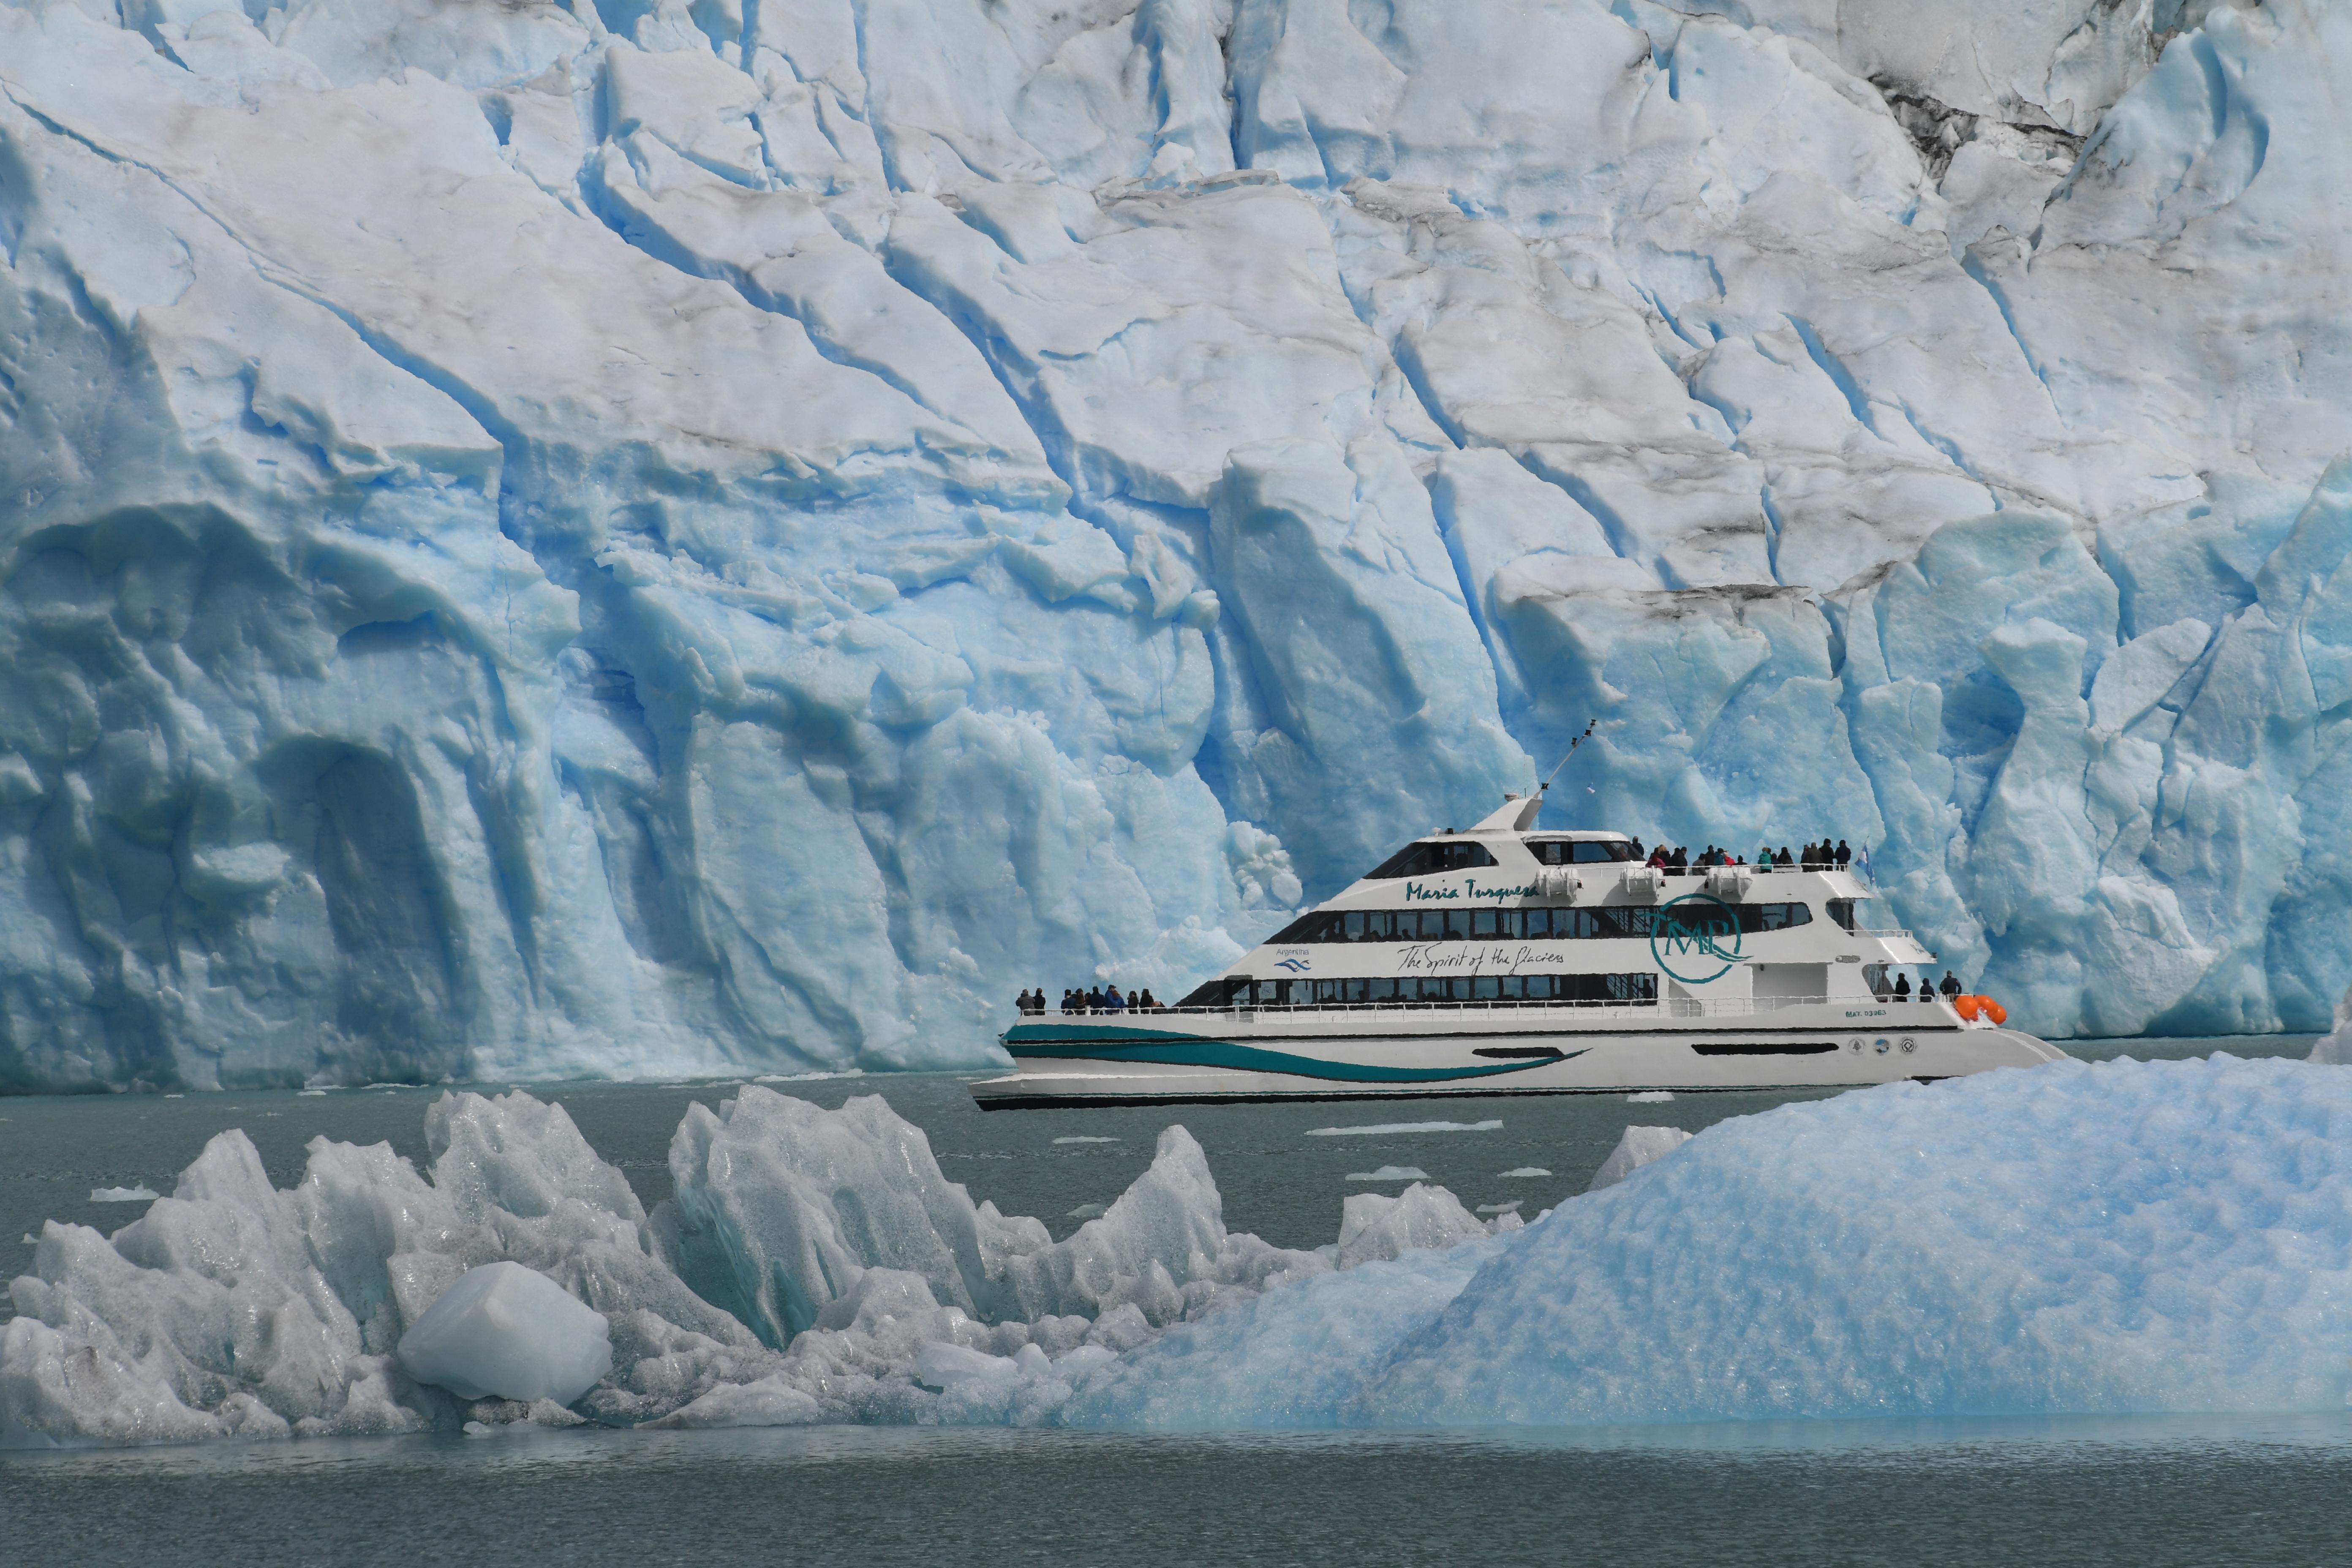 Navegación Parque Nacional los Glaciares